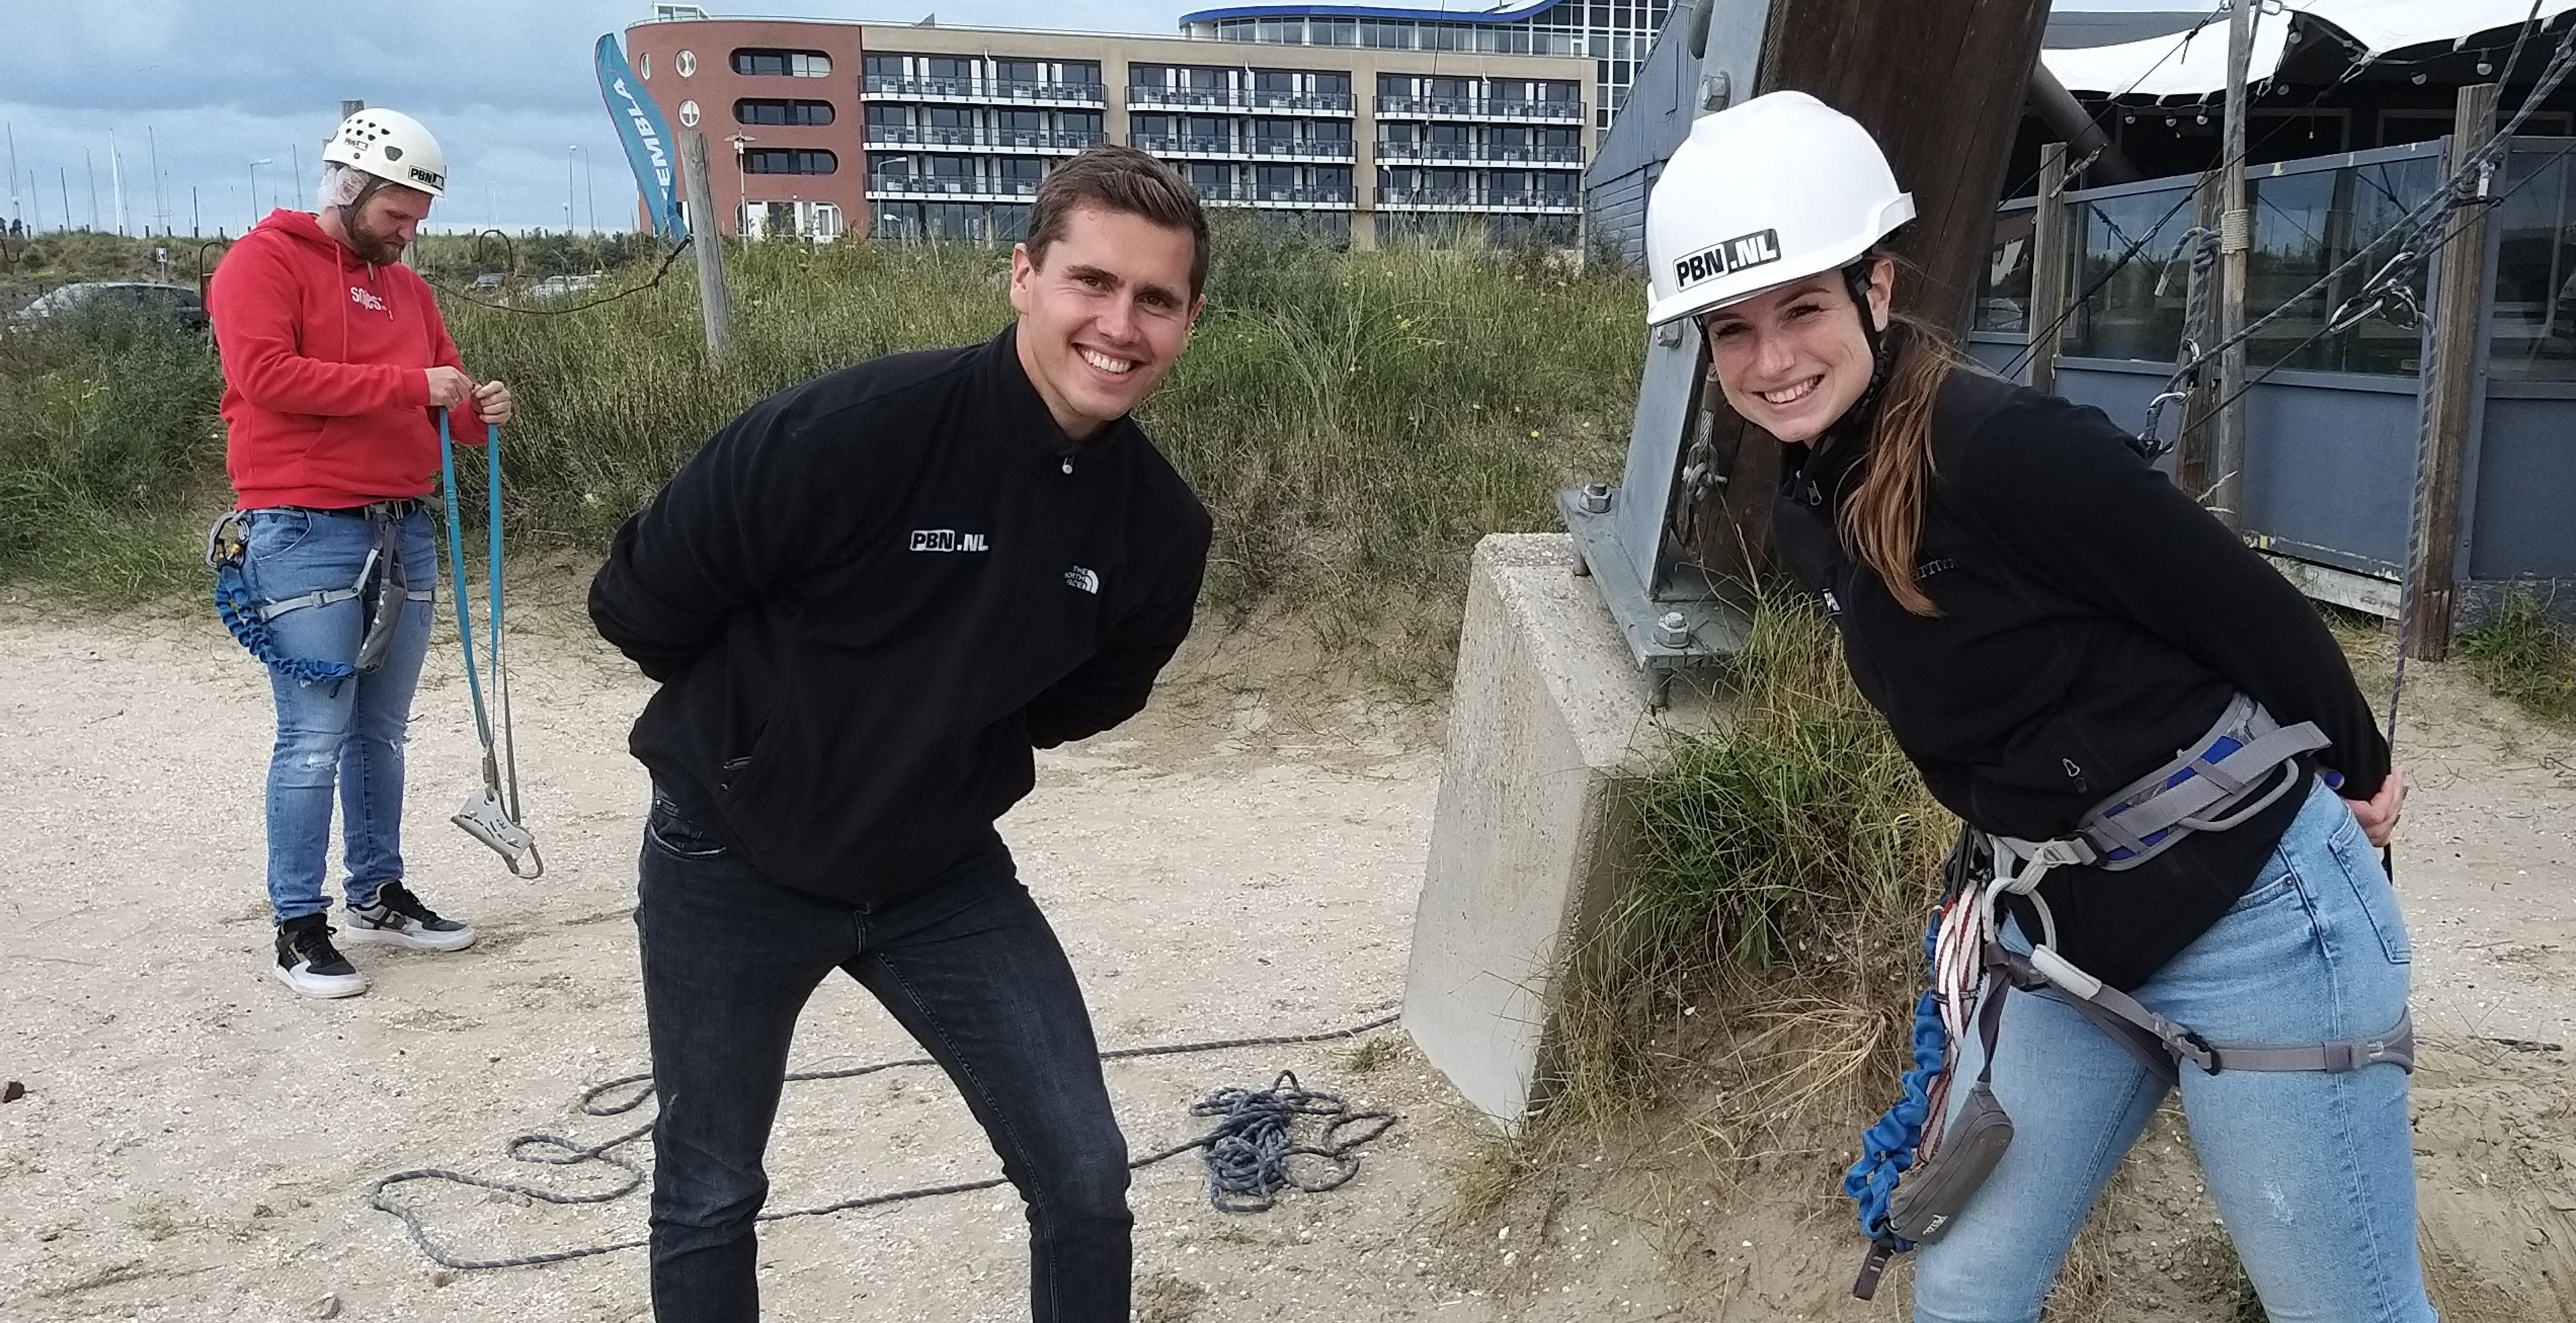 Met Youri en Joëlle naar 22 meter hoogte klimmen: 'Het is een obstakel vol met uitdagingen' | Onderweg